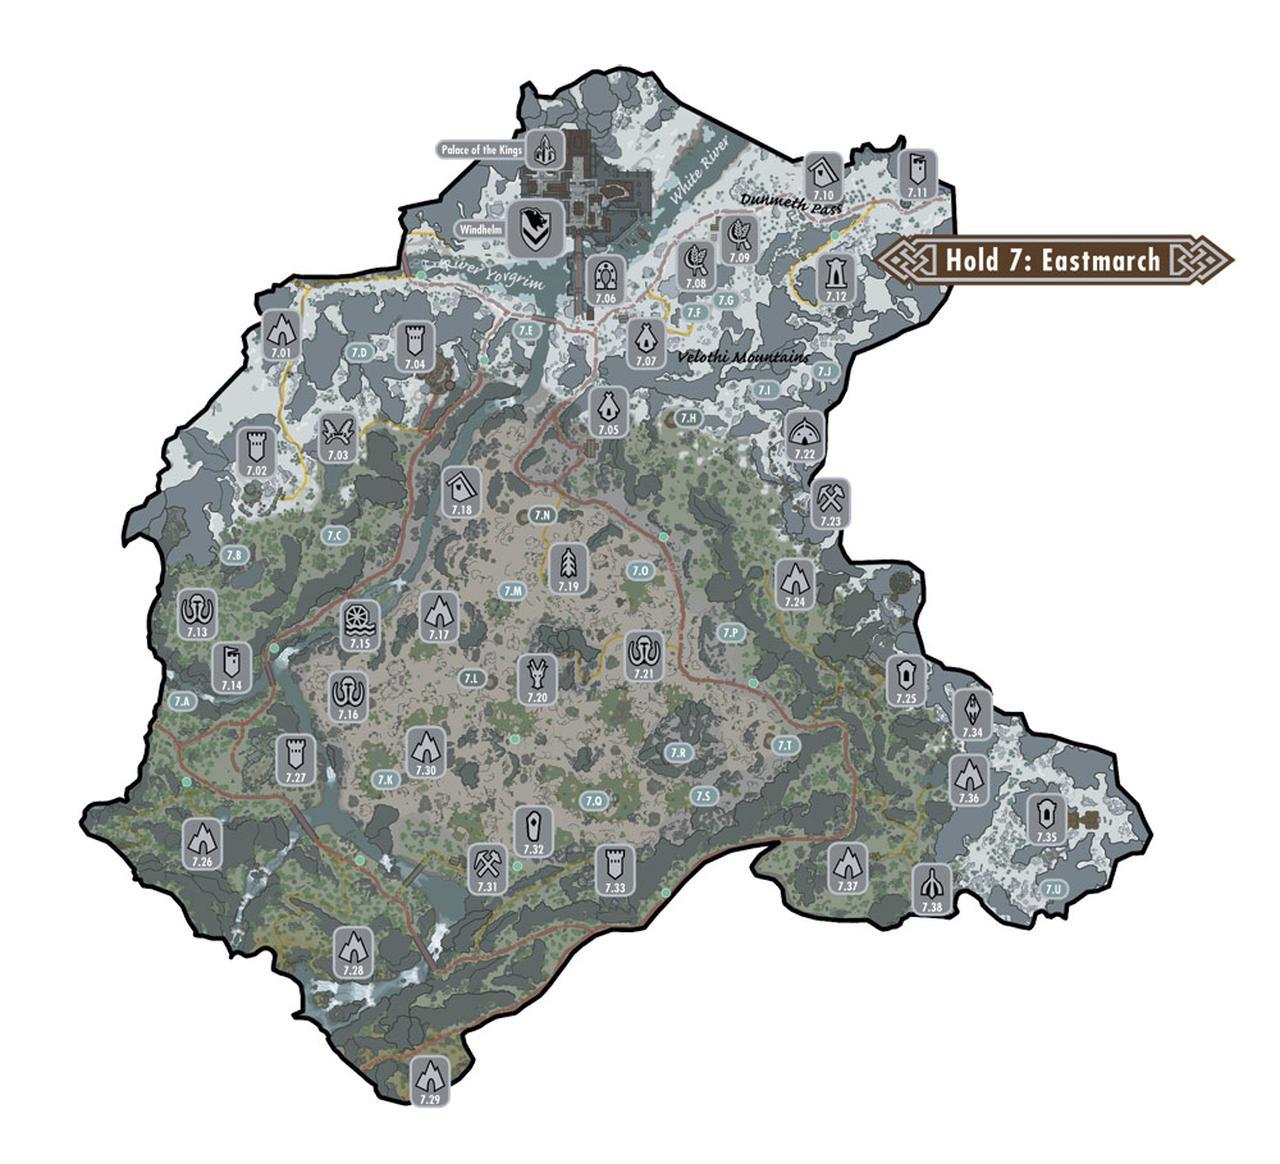 上古卷轴5世界地图东陲领其他地点